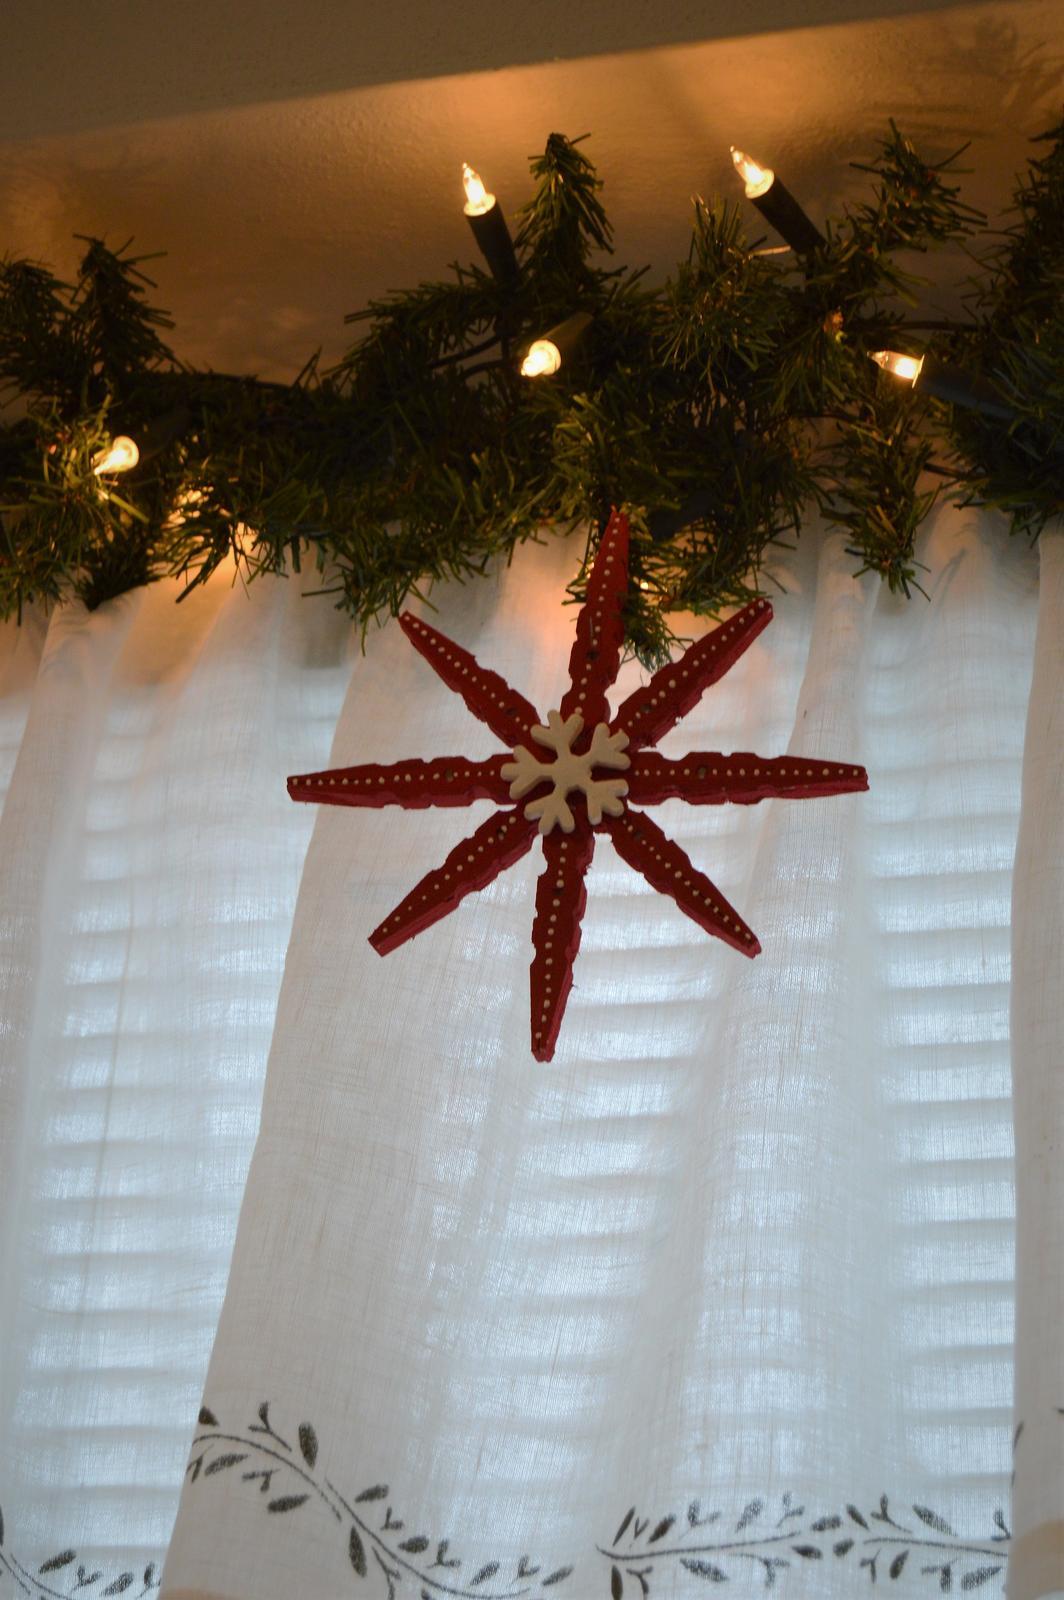 Vianočný čas u nás... - Obrázok č. 198